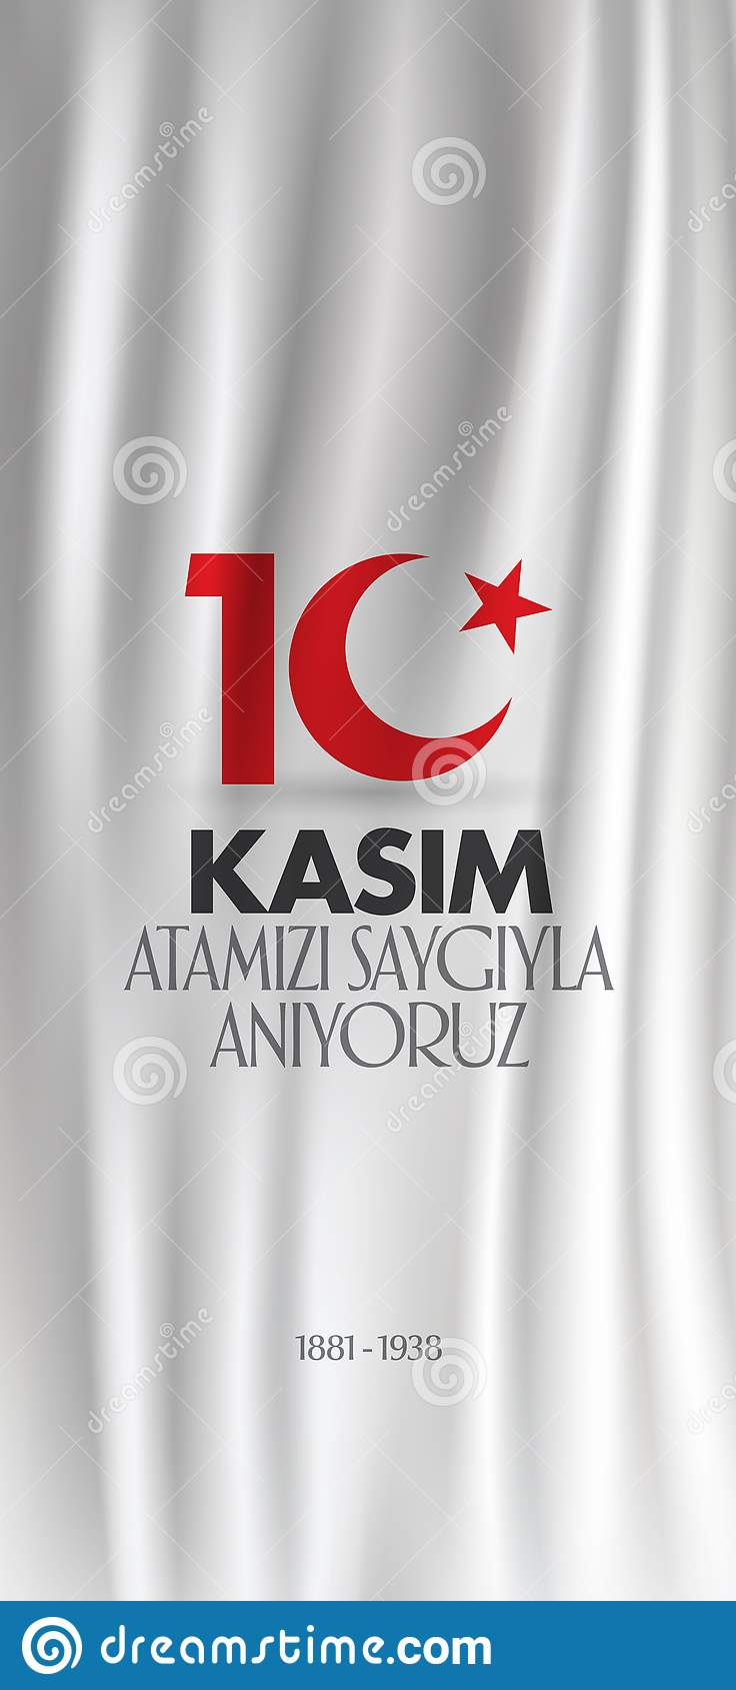 10 November, Mustafa Kemal Ataturk Death Day-verjaardag Herdenkingsdag van Ataturk Aanplakbordontwerp